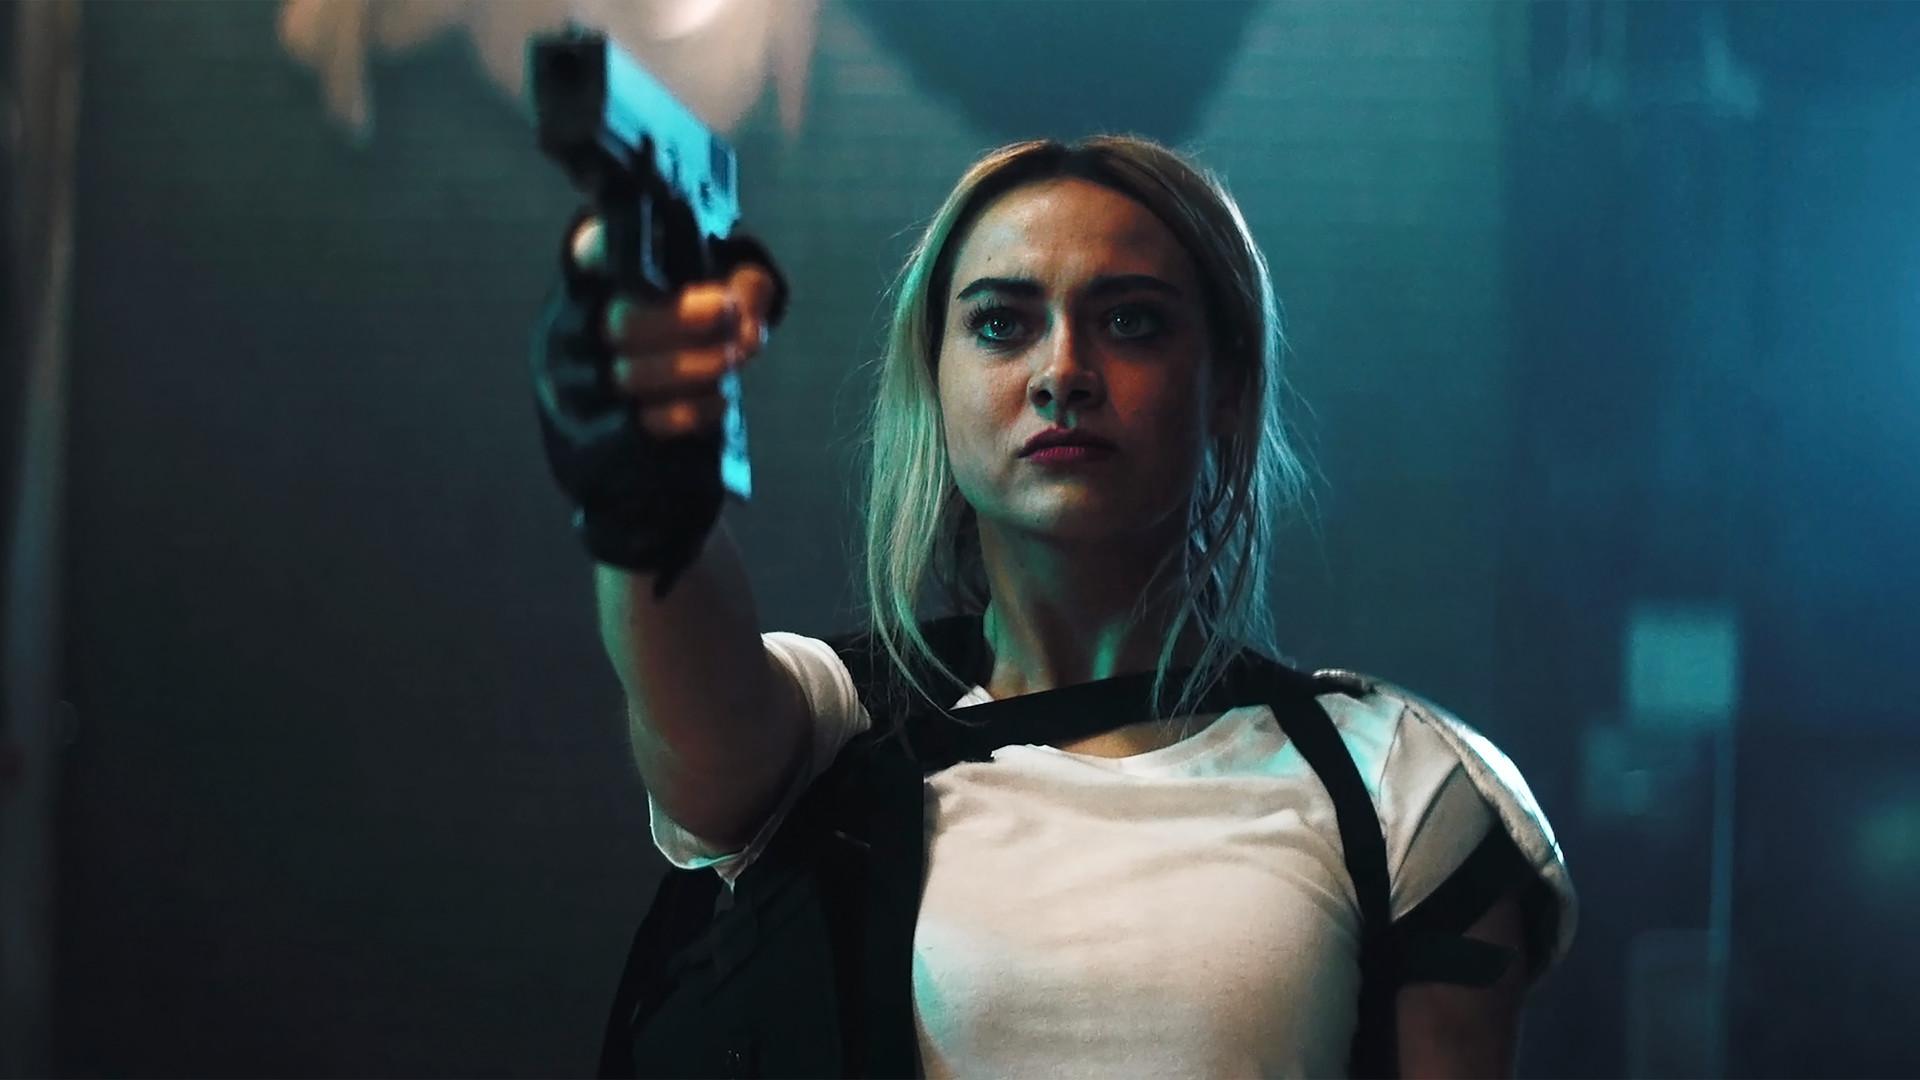 Интерактивный боевик Bloodshore выходит 3 ноября на Xbox